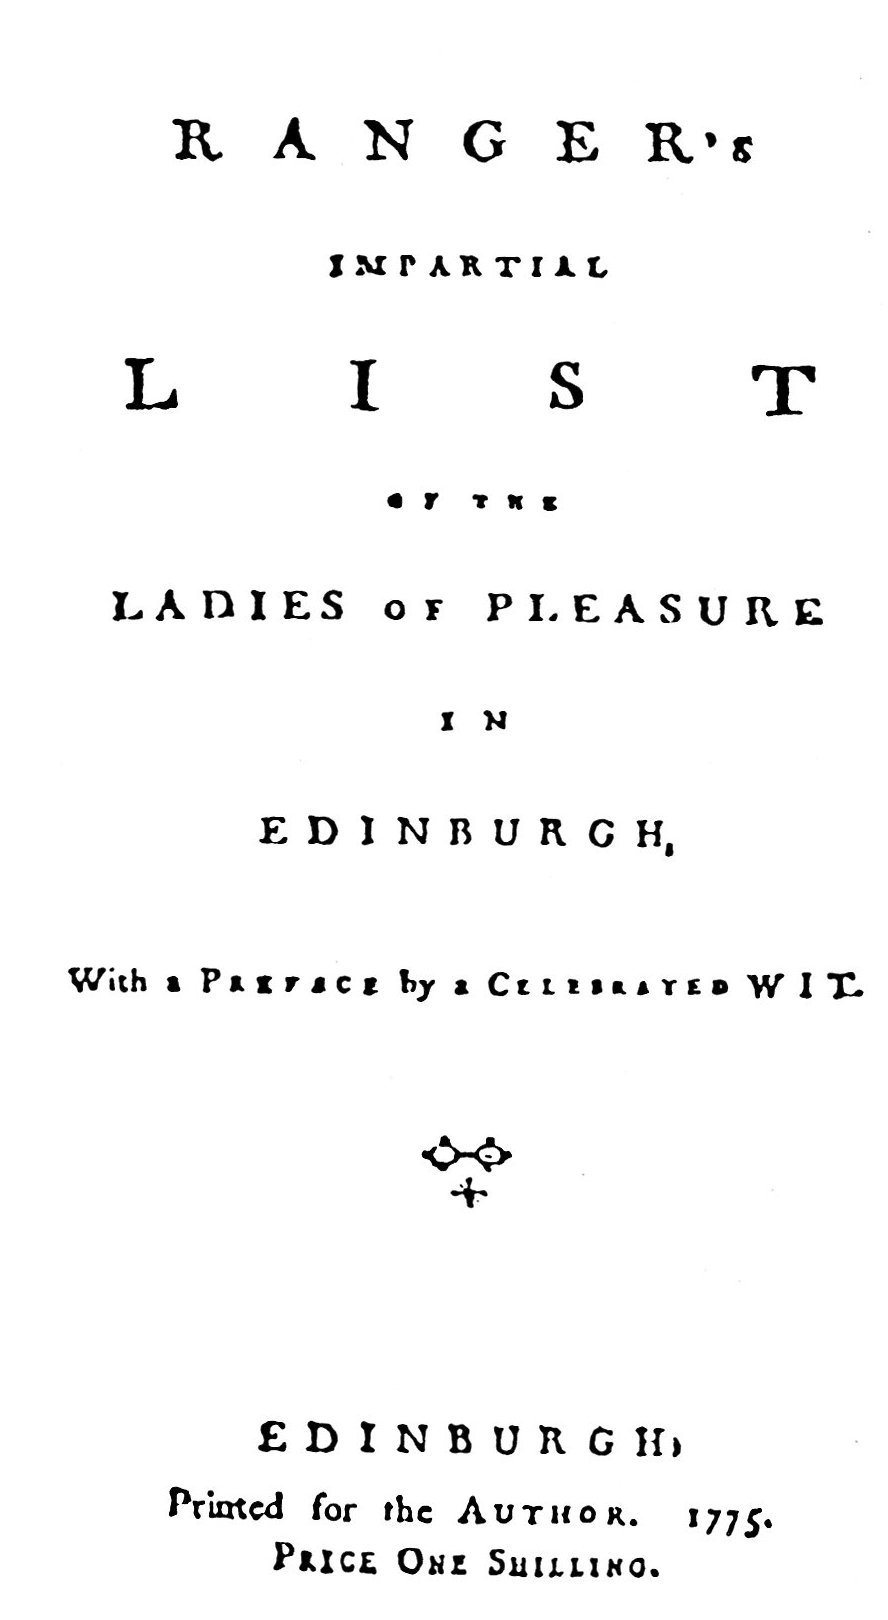 Ranger's Impartial List of the Ladies of Pleasure, &c.